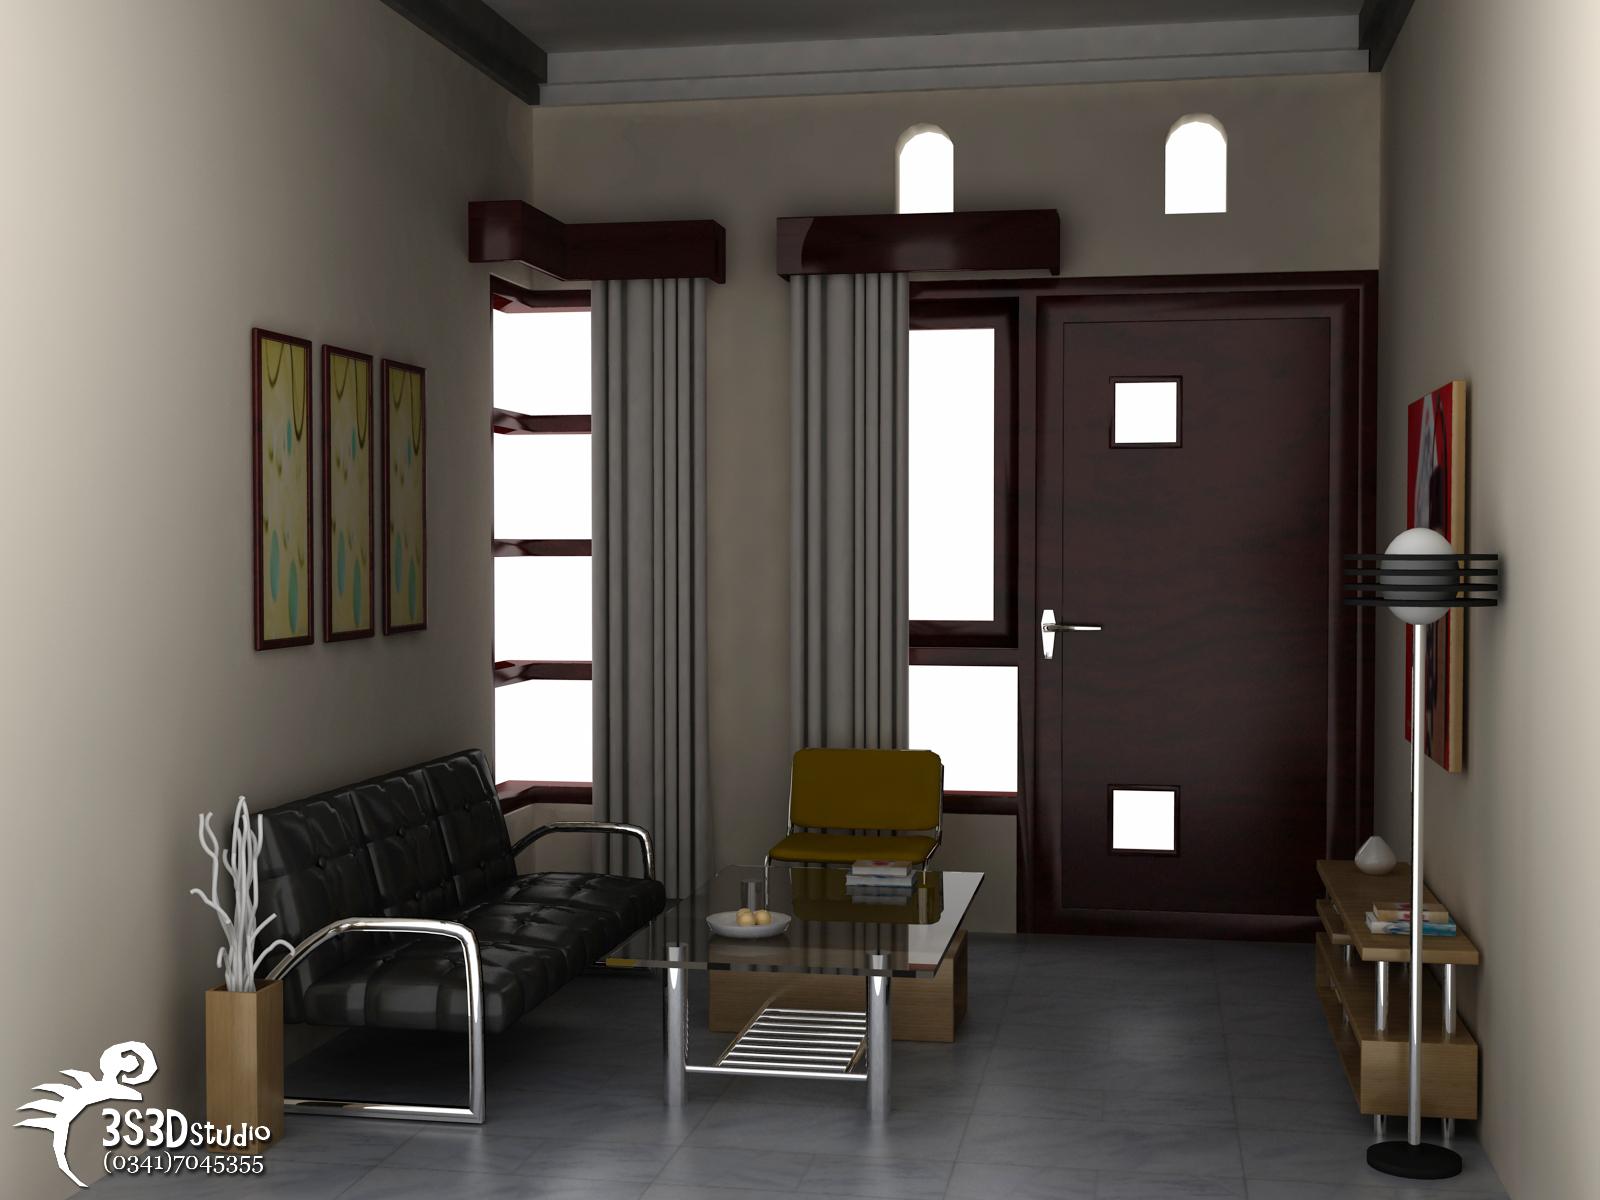 Mengagunkan Konsep Ruang Tamu Minimalis